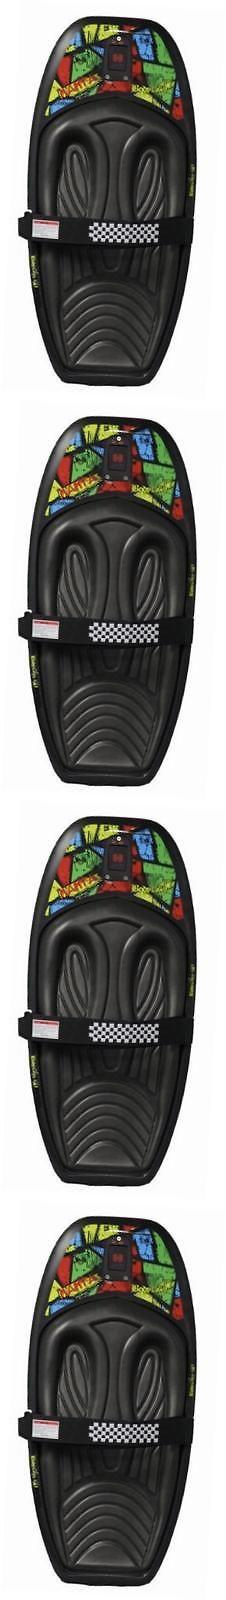 Skimboards 155141: Kneeboard, Black, 43-Inch -> BUY IT NOW ONLY: $183.39 on eBay!